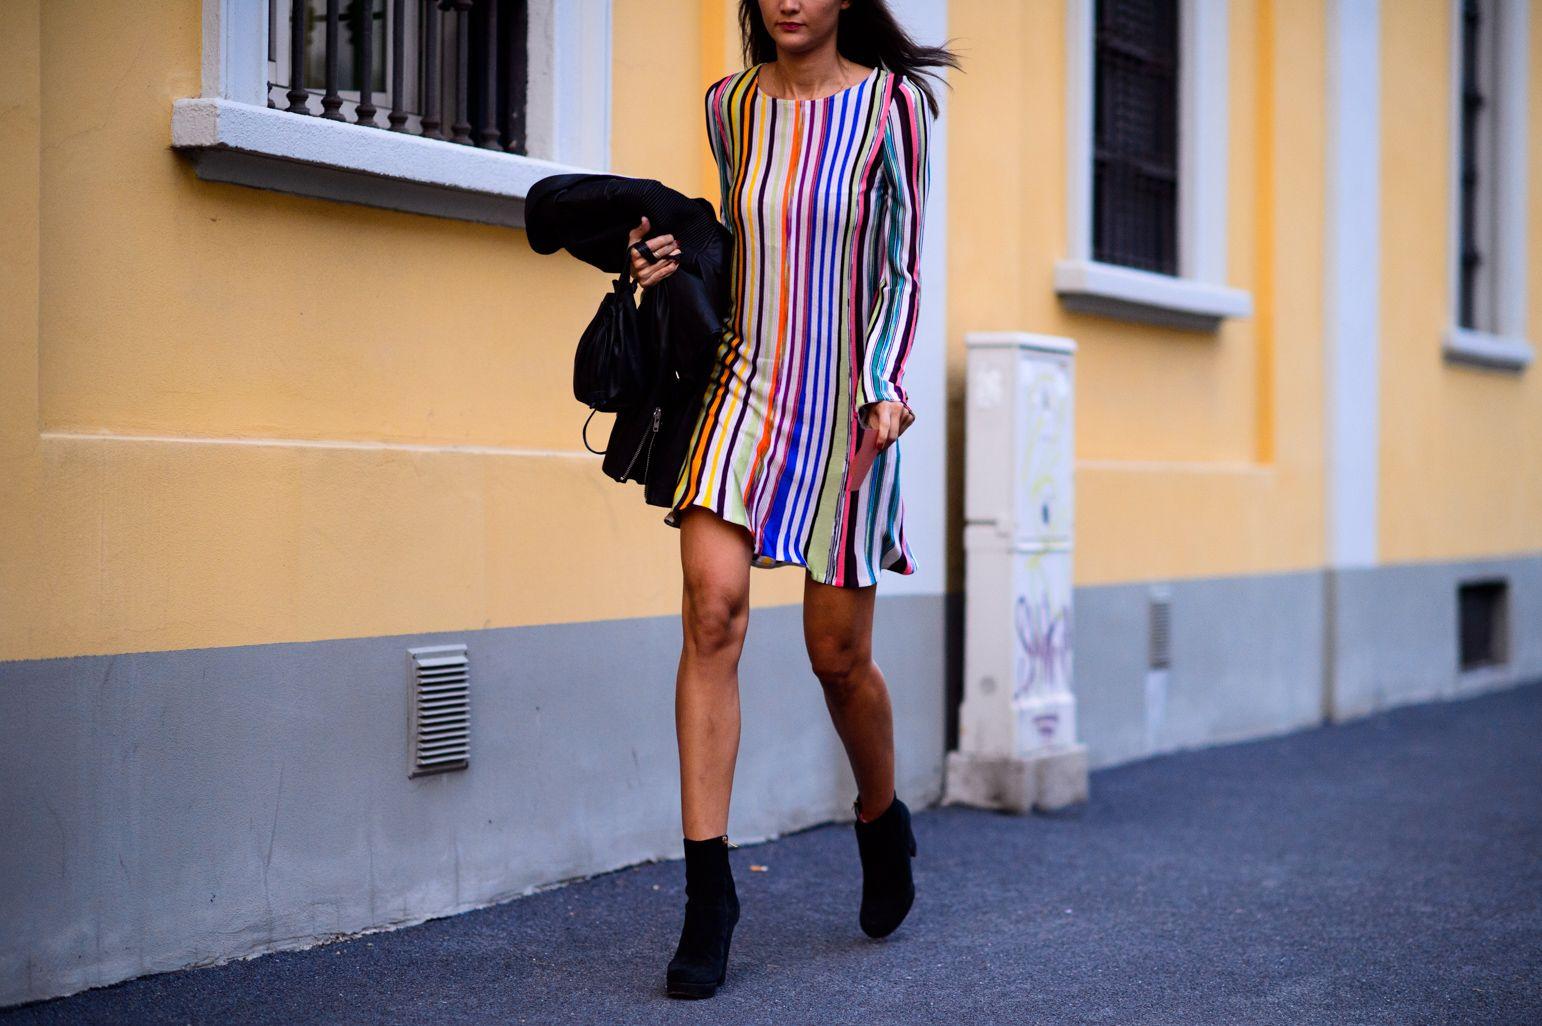 Milan Fashion Week Spring 2016, Day 5 - Milan Fashion Week Spring 2016, Day 5-Wmag